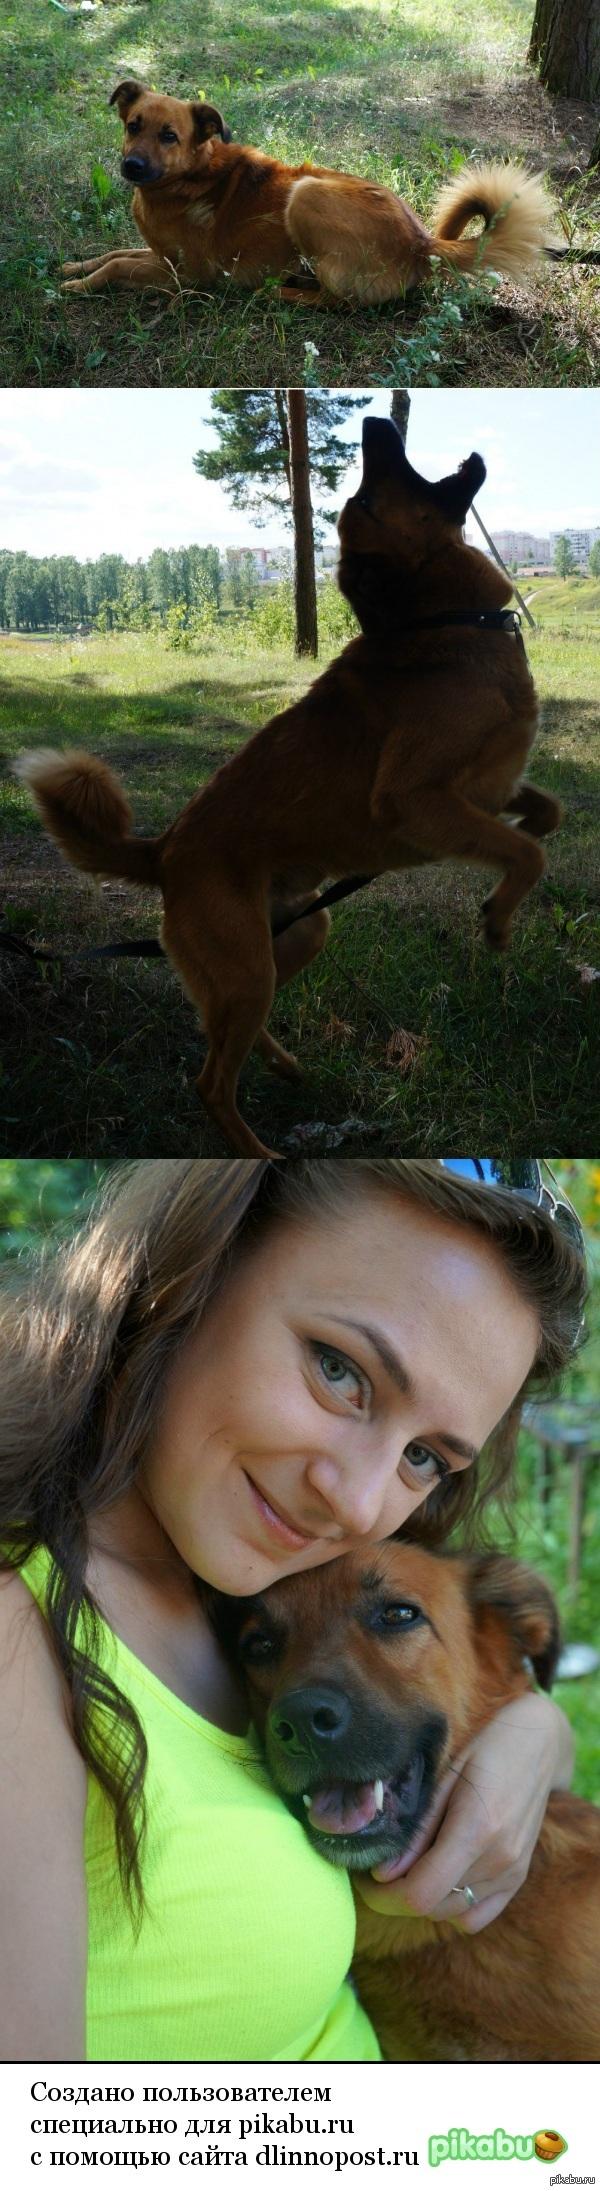 Сбылась мечта) Котики, конечно, хорошо, но для полного счастья мне не хватало собаки. А приютскому собачонке не хватало любви и внимания. Мы нашли друг друга)